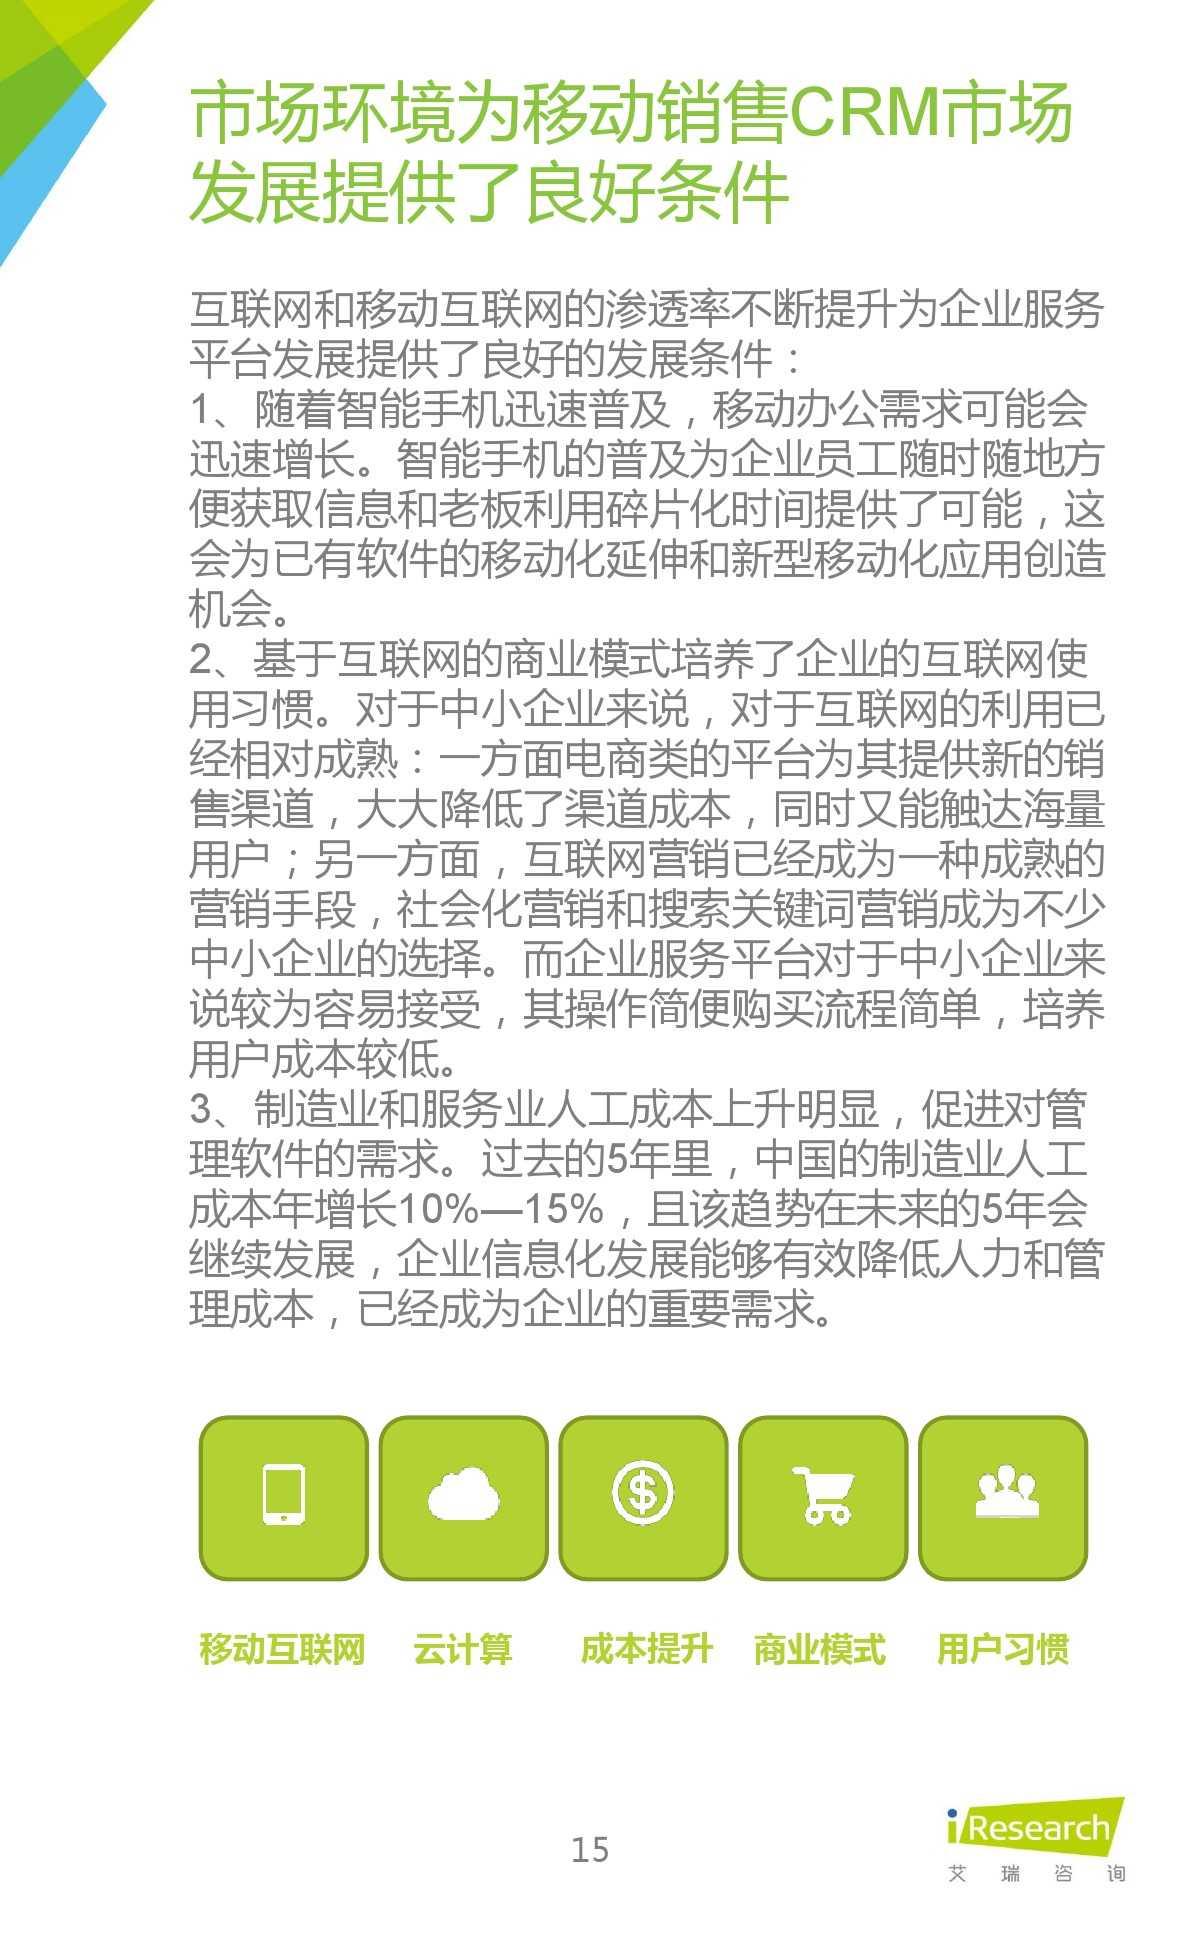 2015年中国移动销售CRM行业研究报告_000015